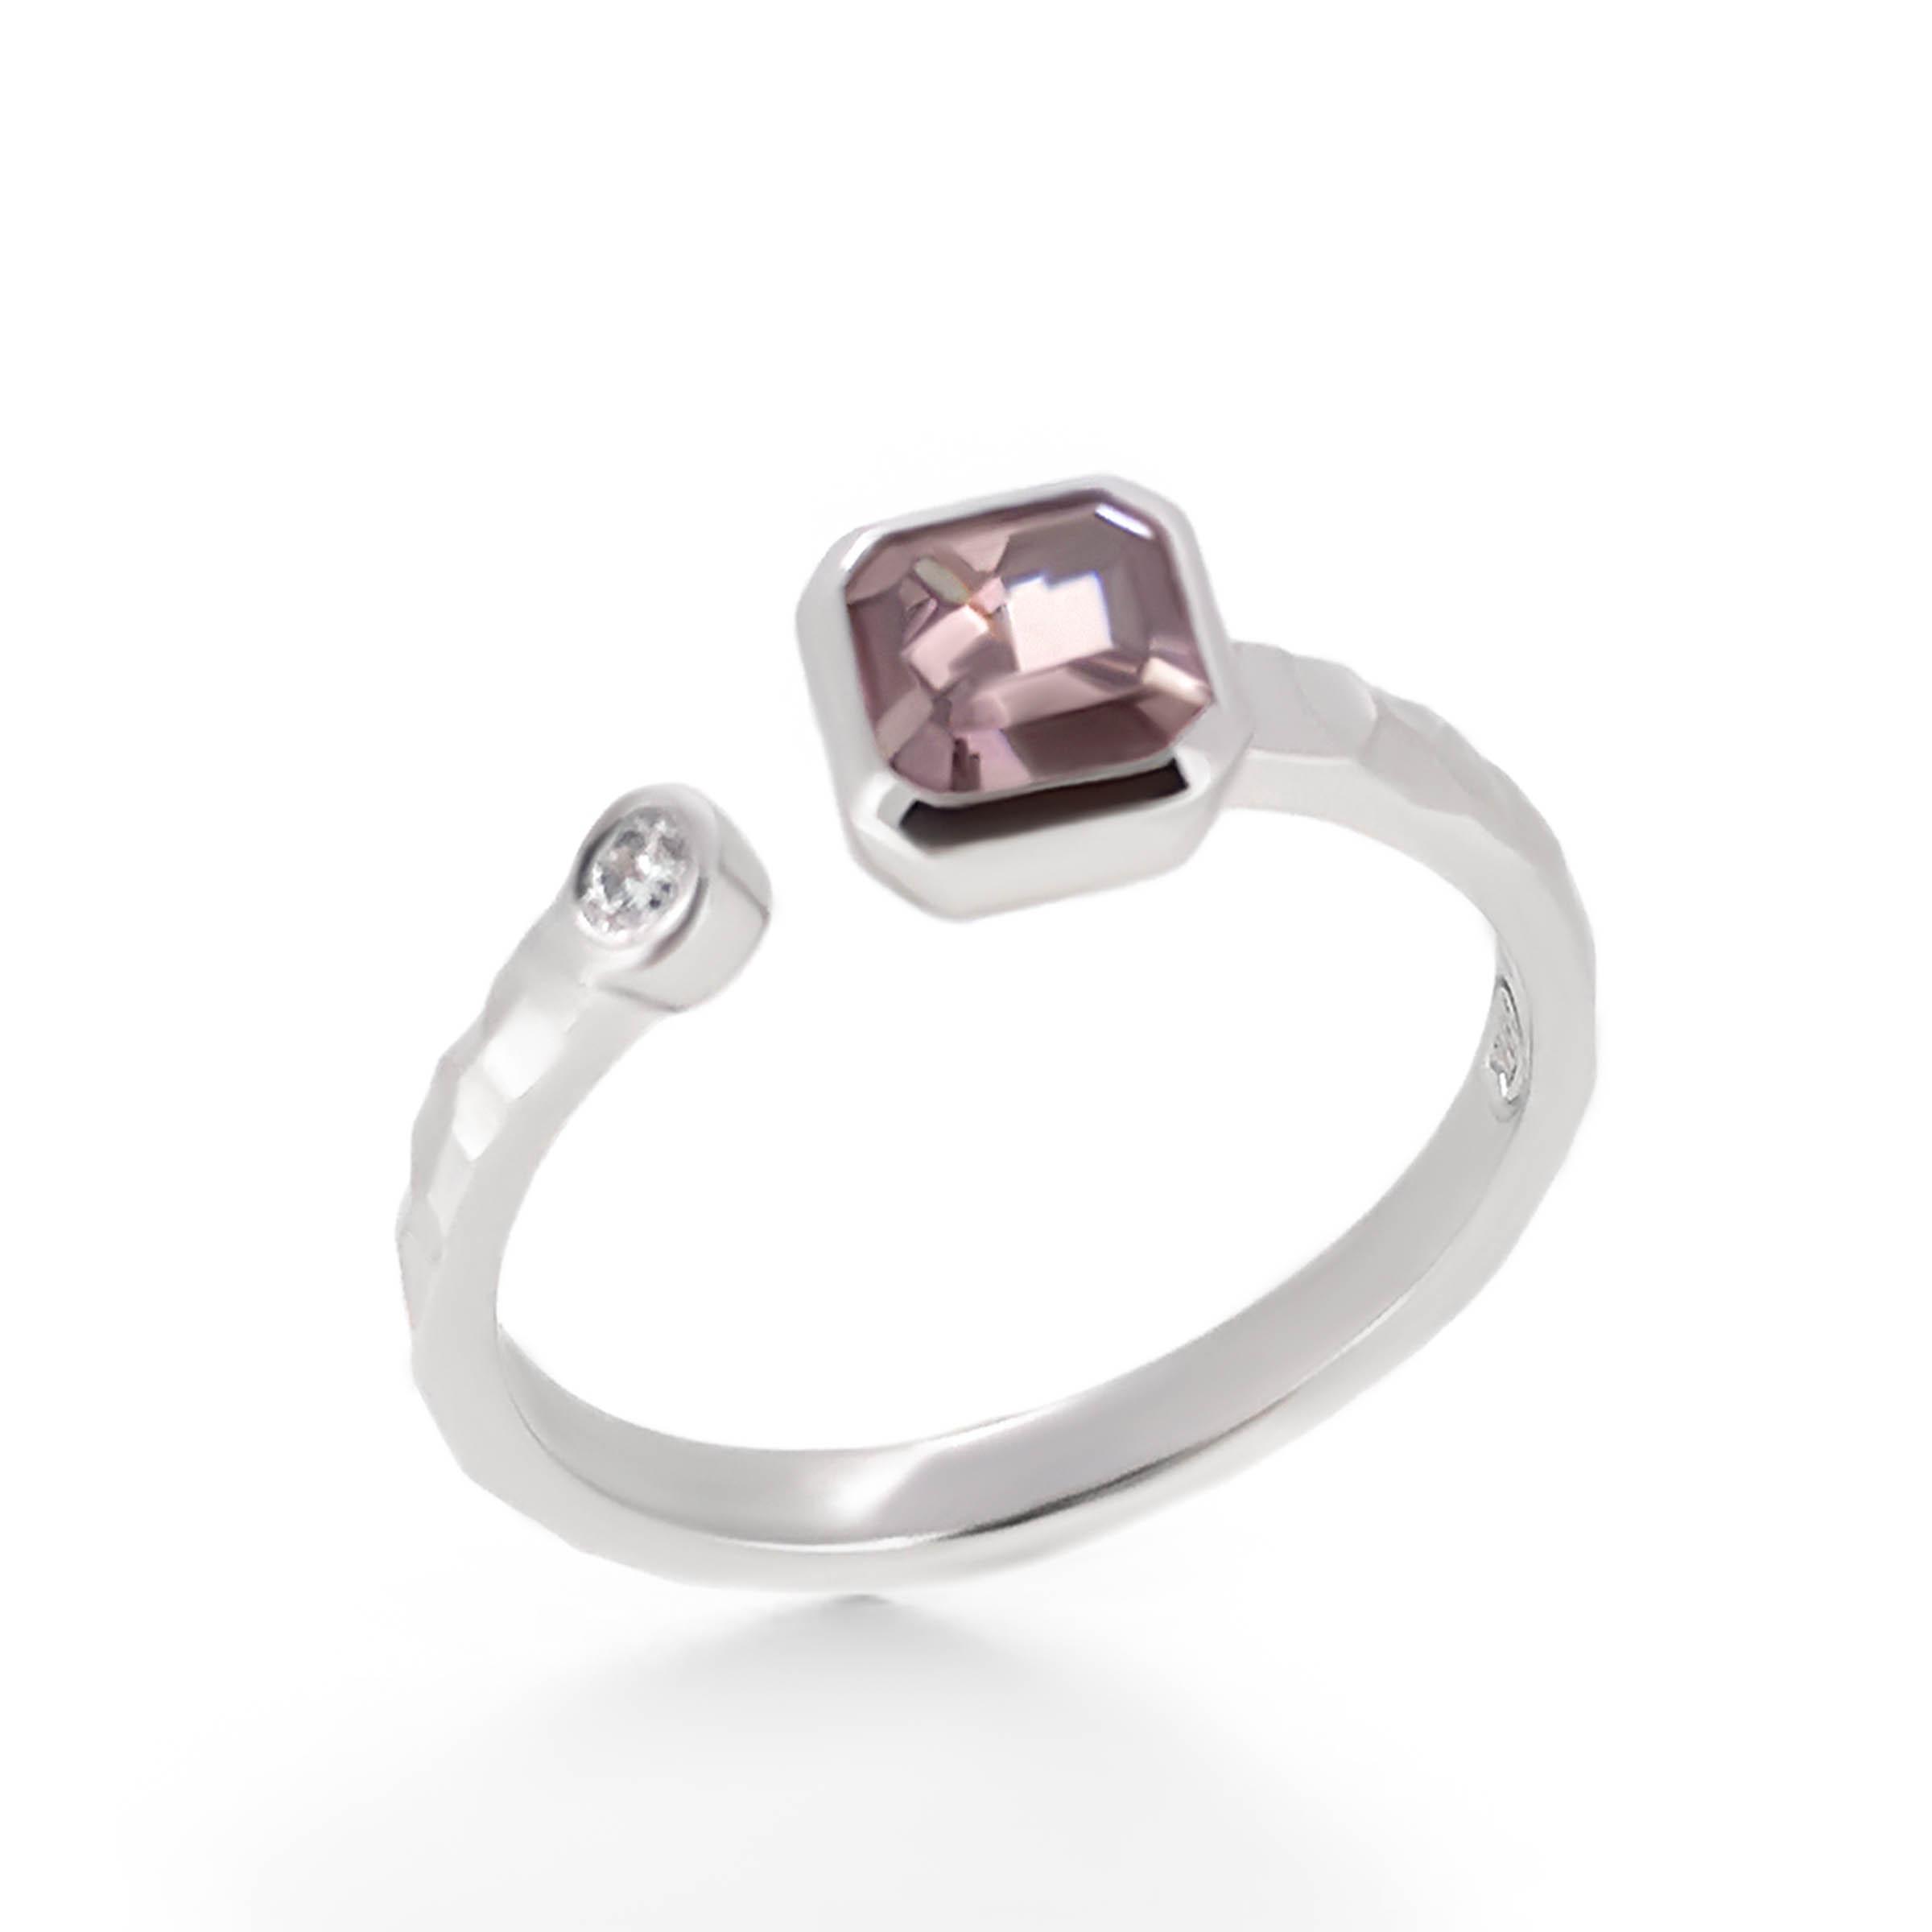 pink diamond engagement ring- haywards of hong kong